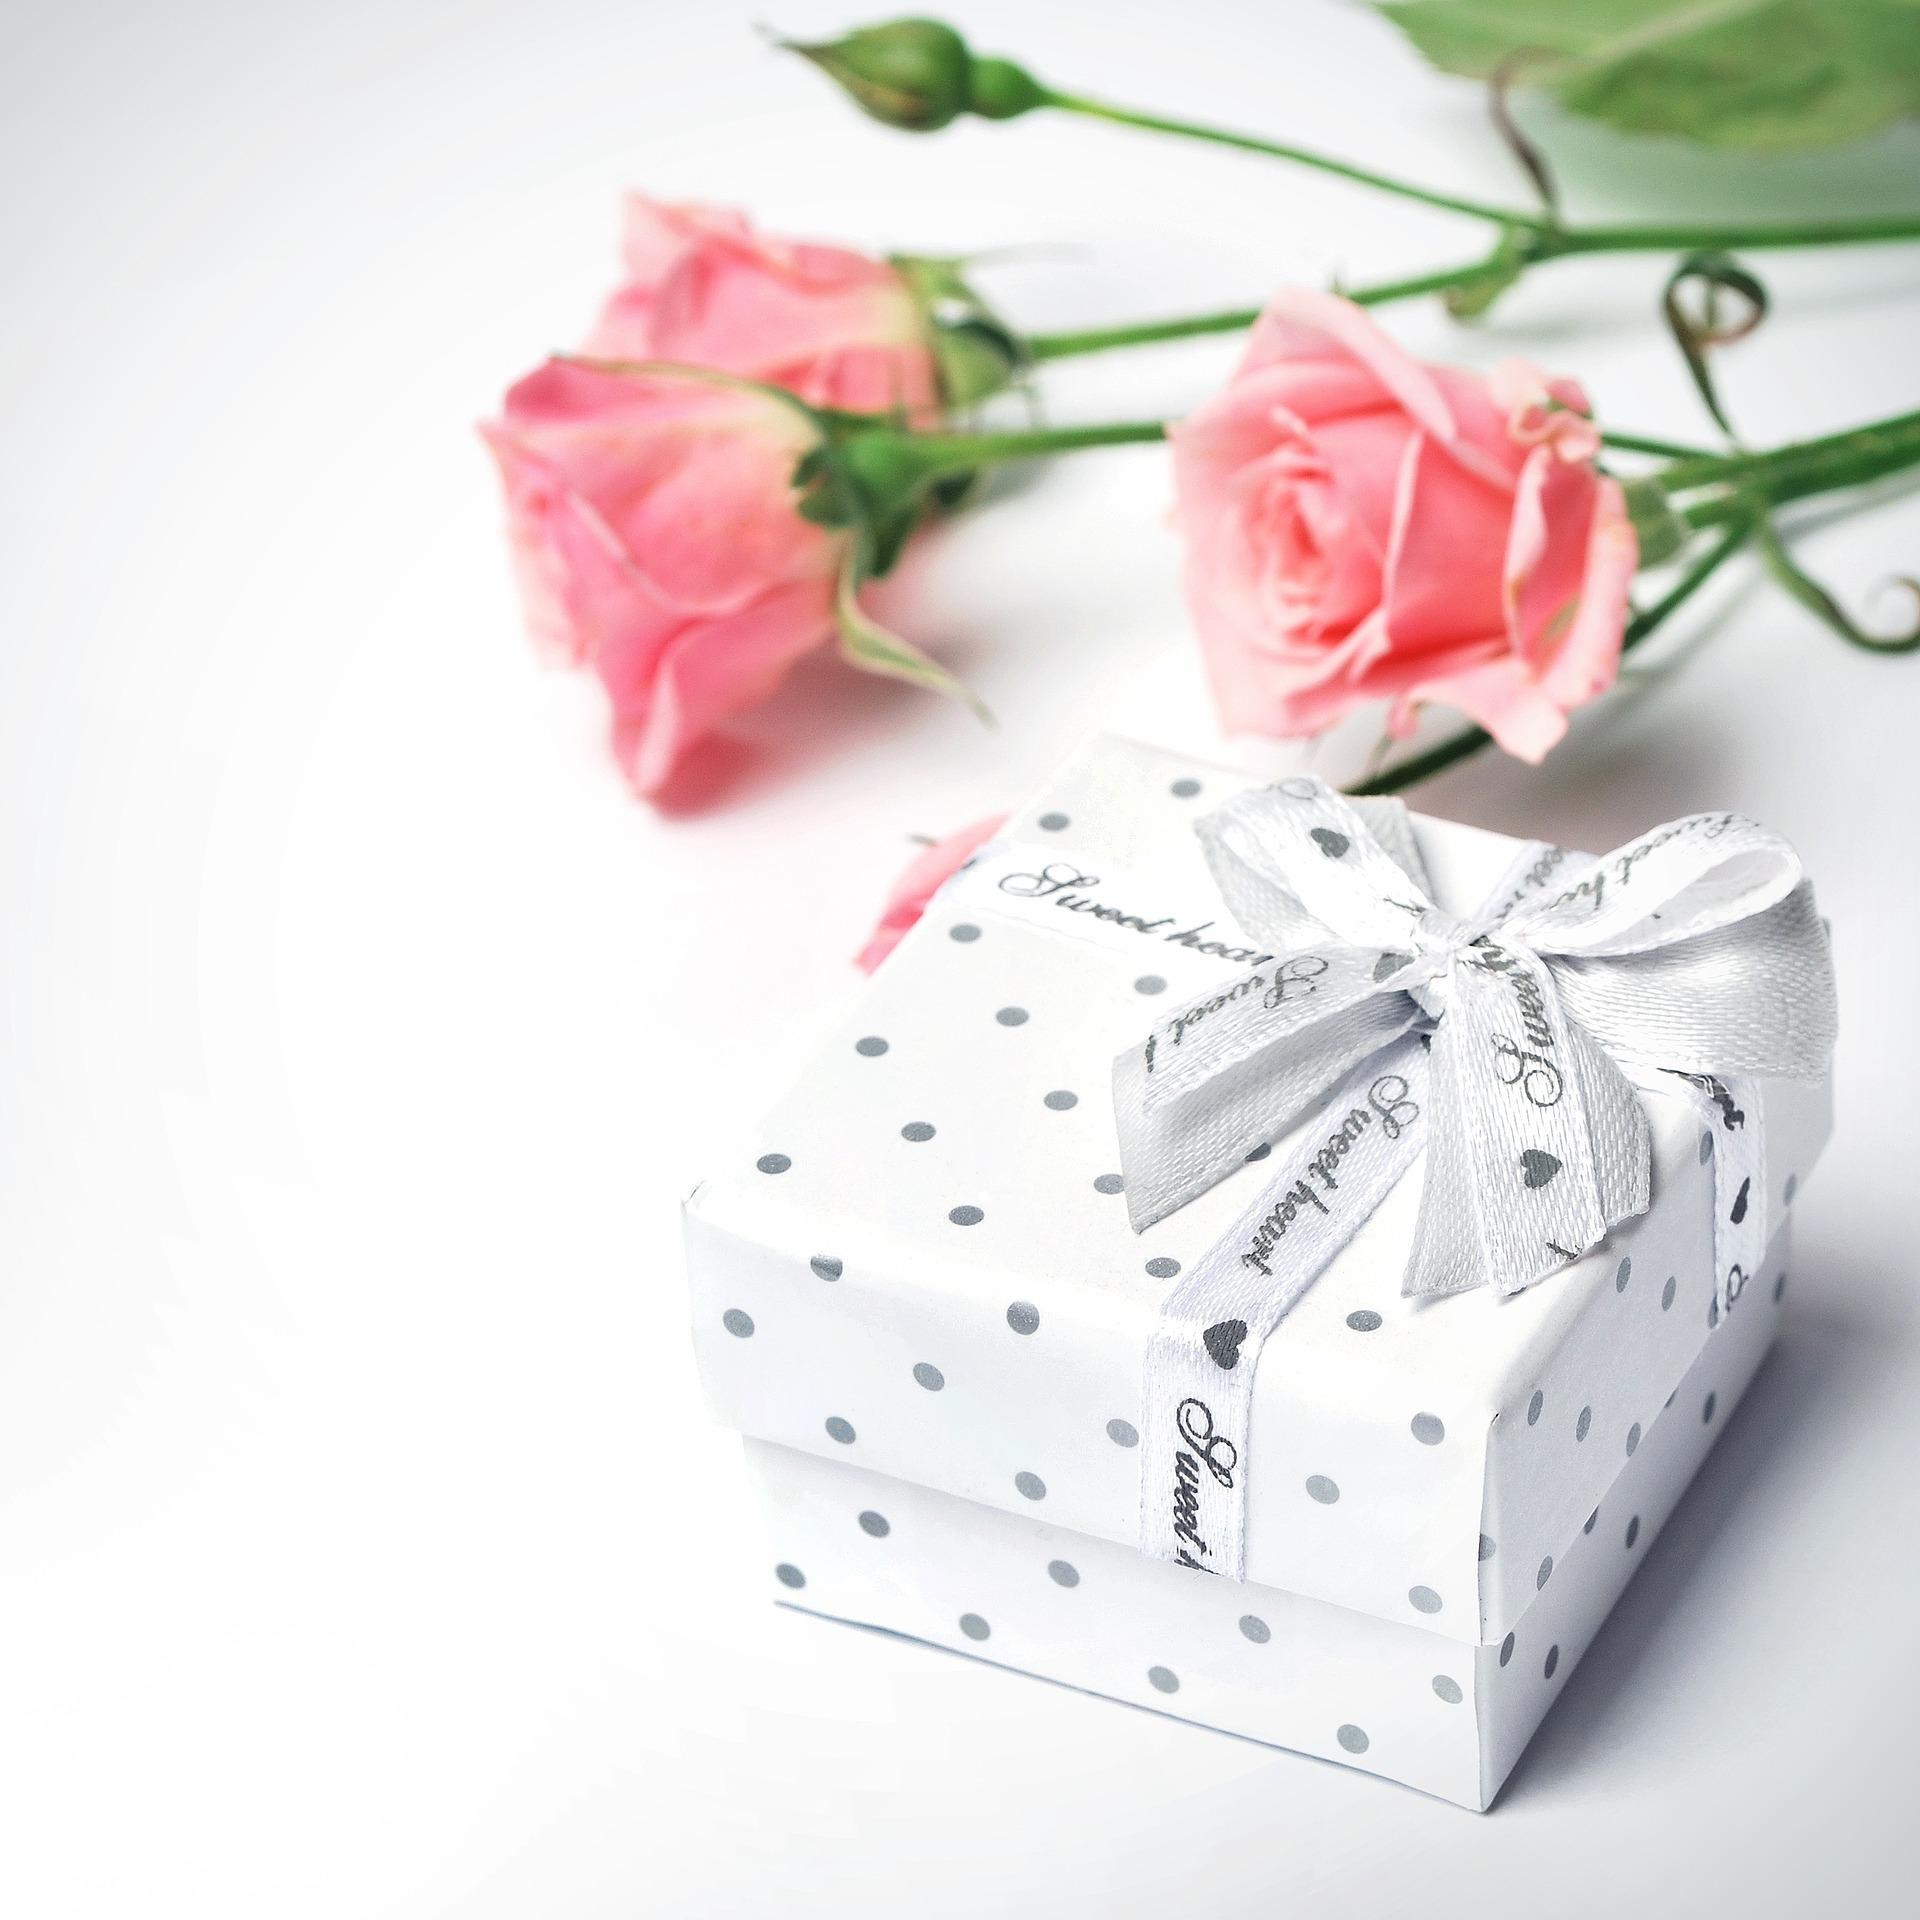 Что подарить на14 февраля? Выбираем подарки коДню святого Валентина